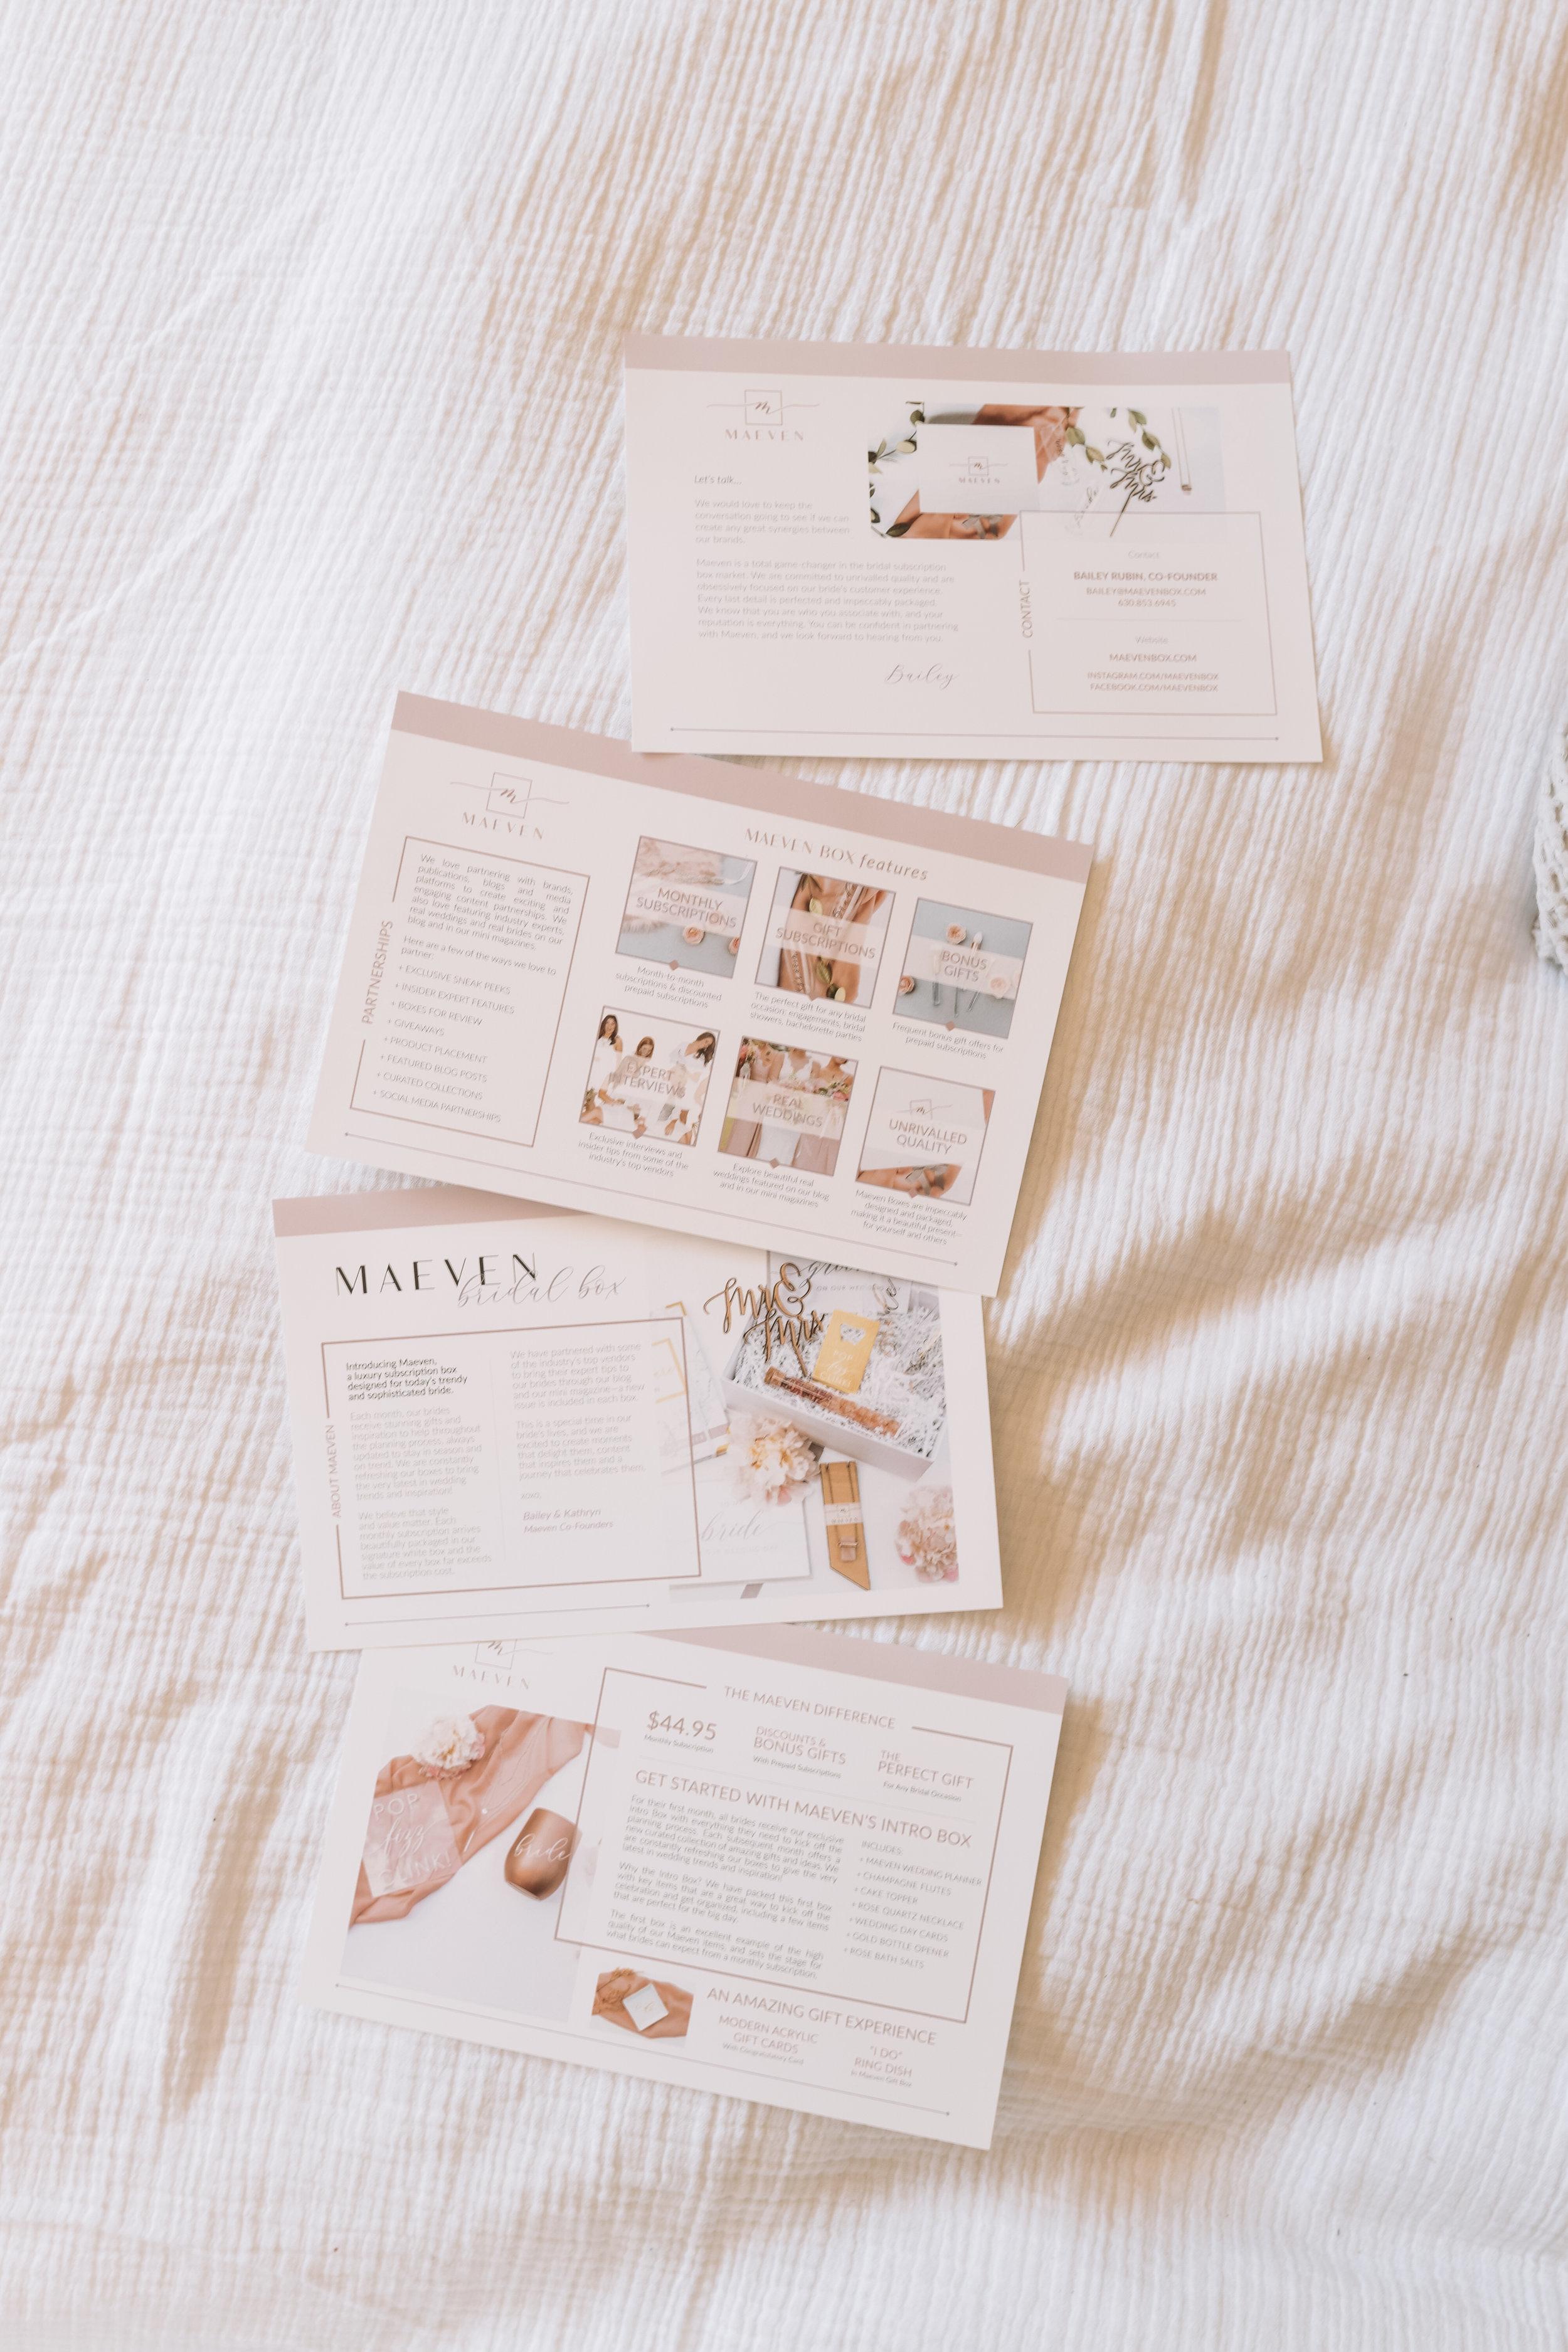 Best Bride Subscription Boxes -- Unique Bride To Be Engagement Gift Ideas -- Maeven Box